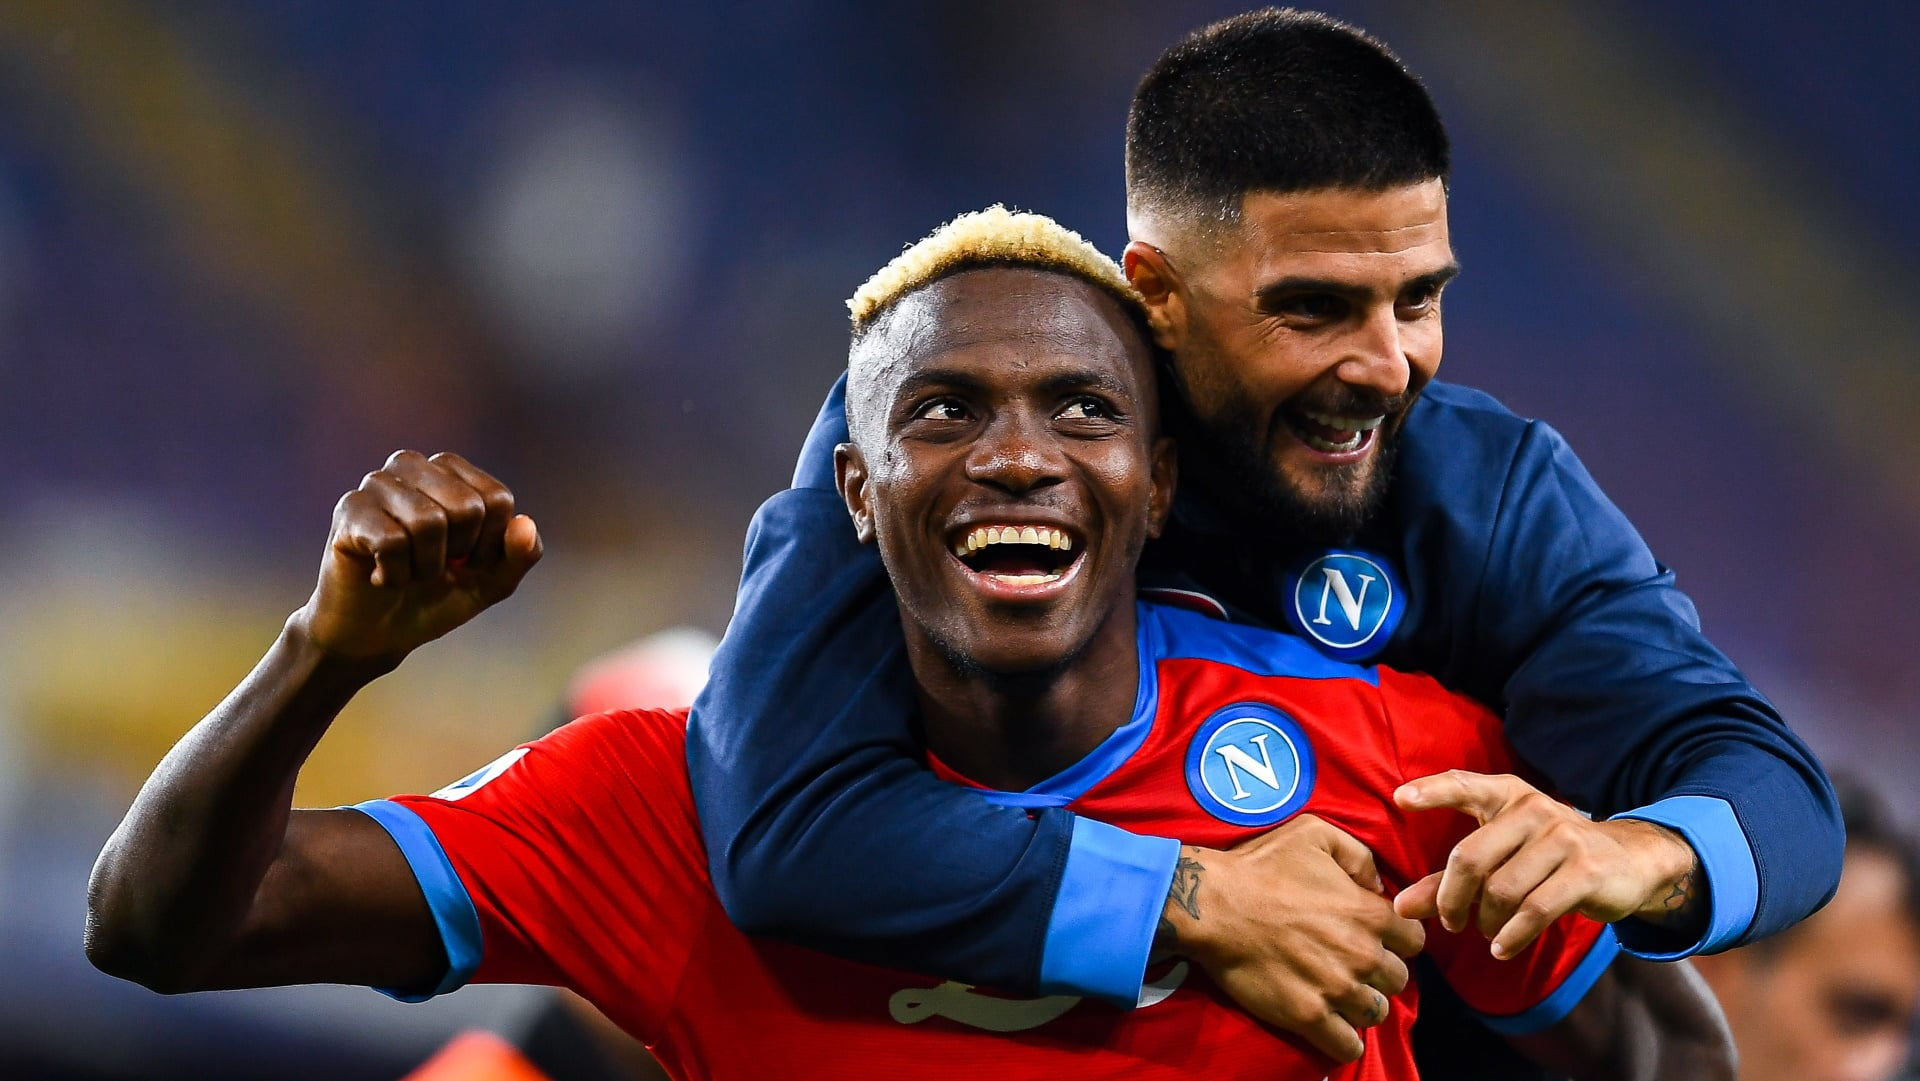 Napoli attackers Victor Osimhen and Lorenzo Insigne celebrate